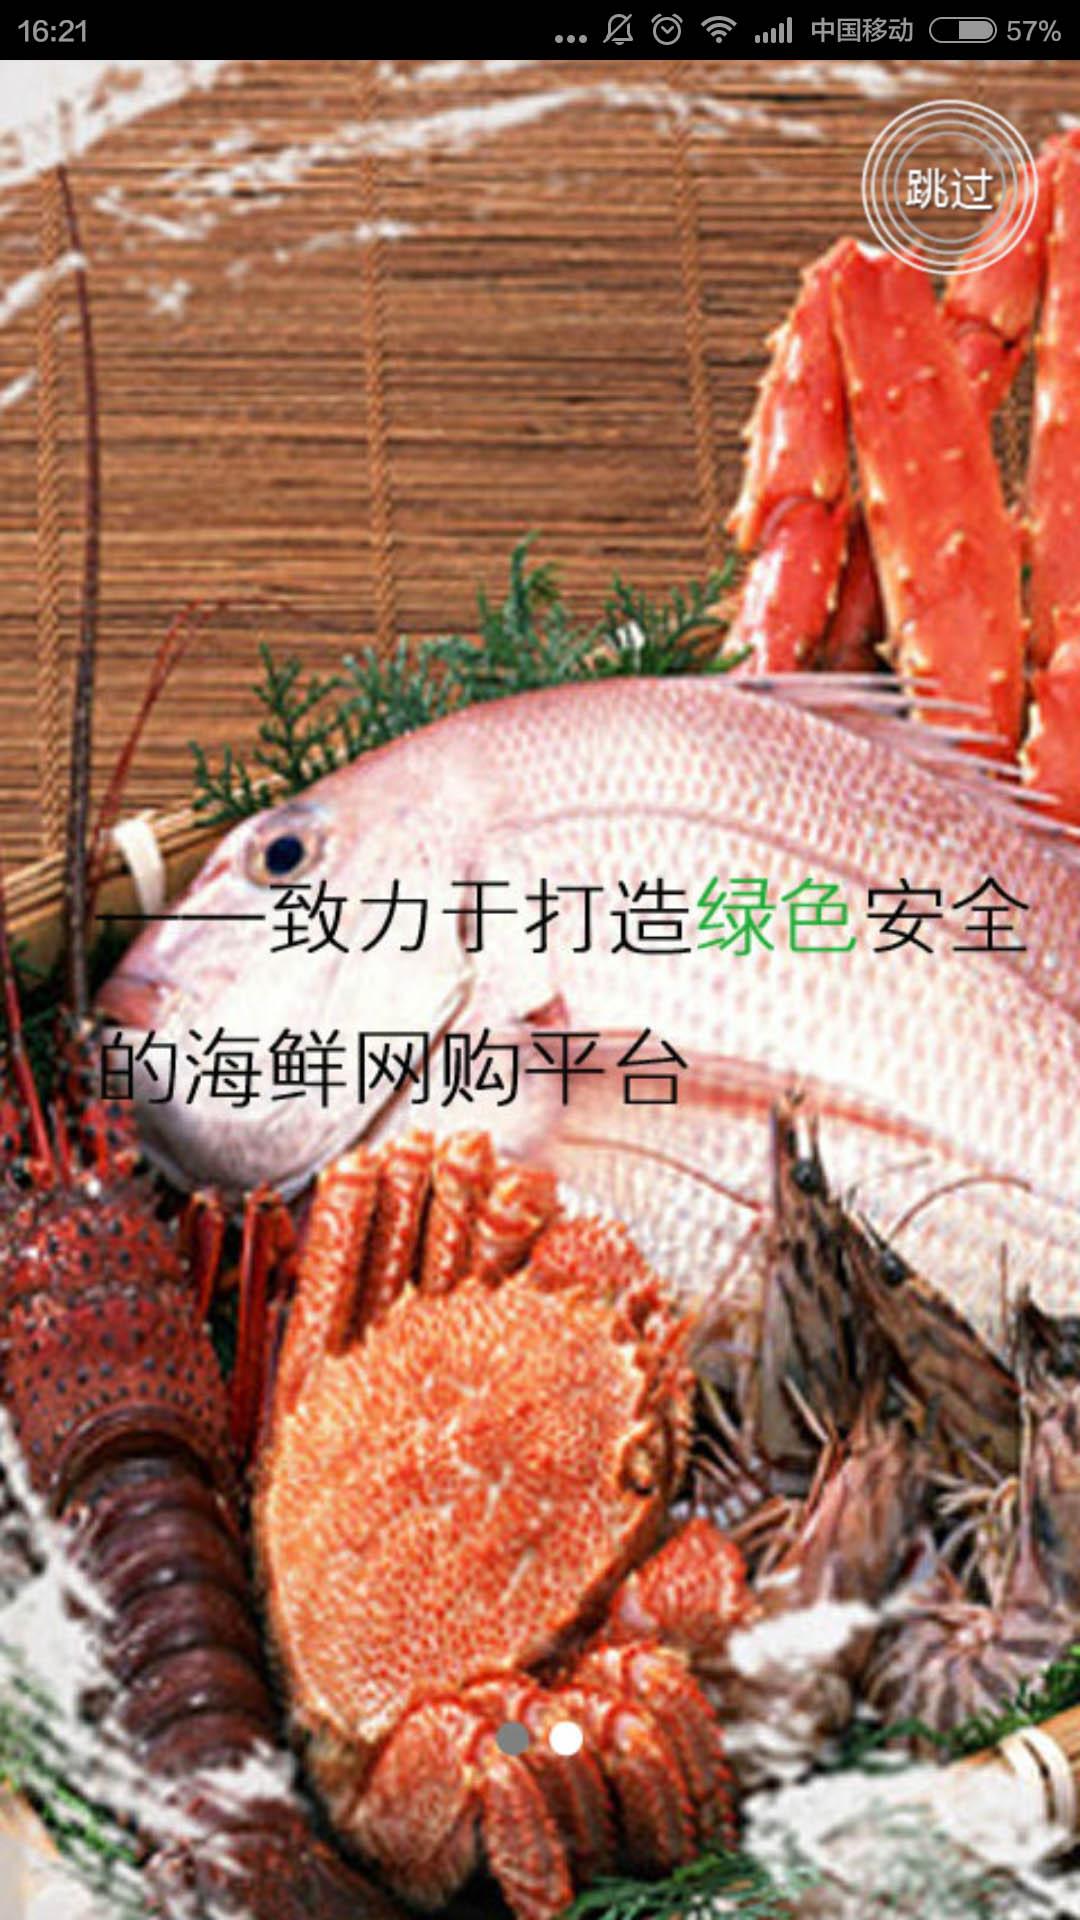 石家庄海鲜网